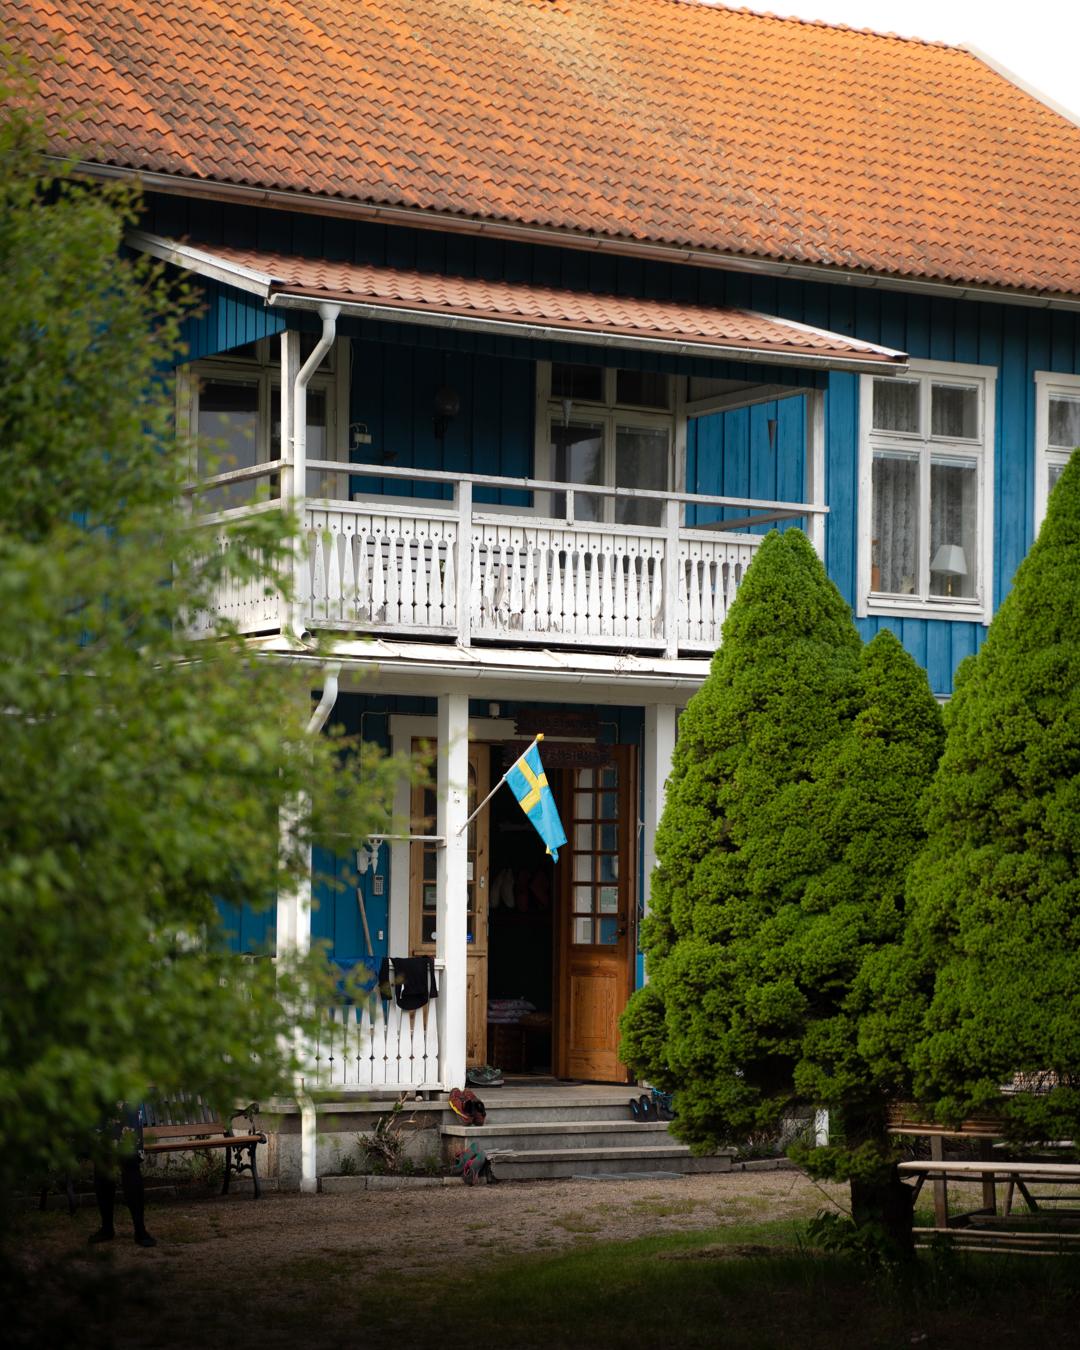 """På orten går pensionatet under namnet """"Blå pensionatet""""."""